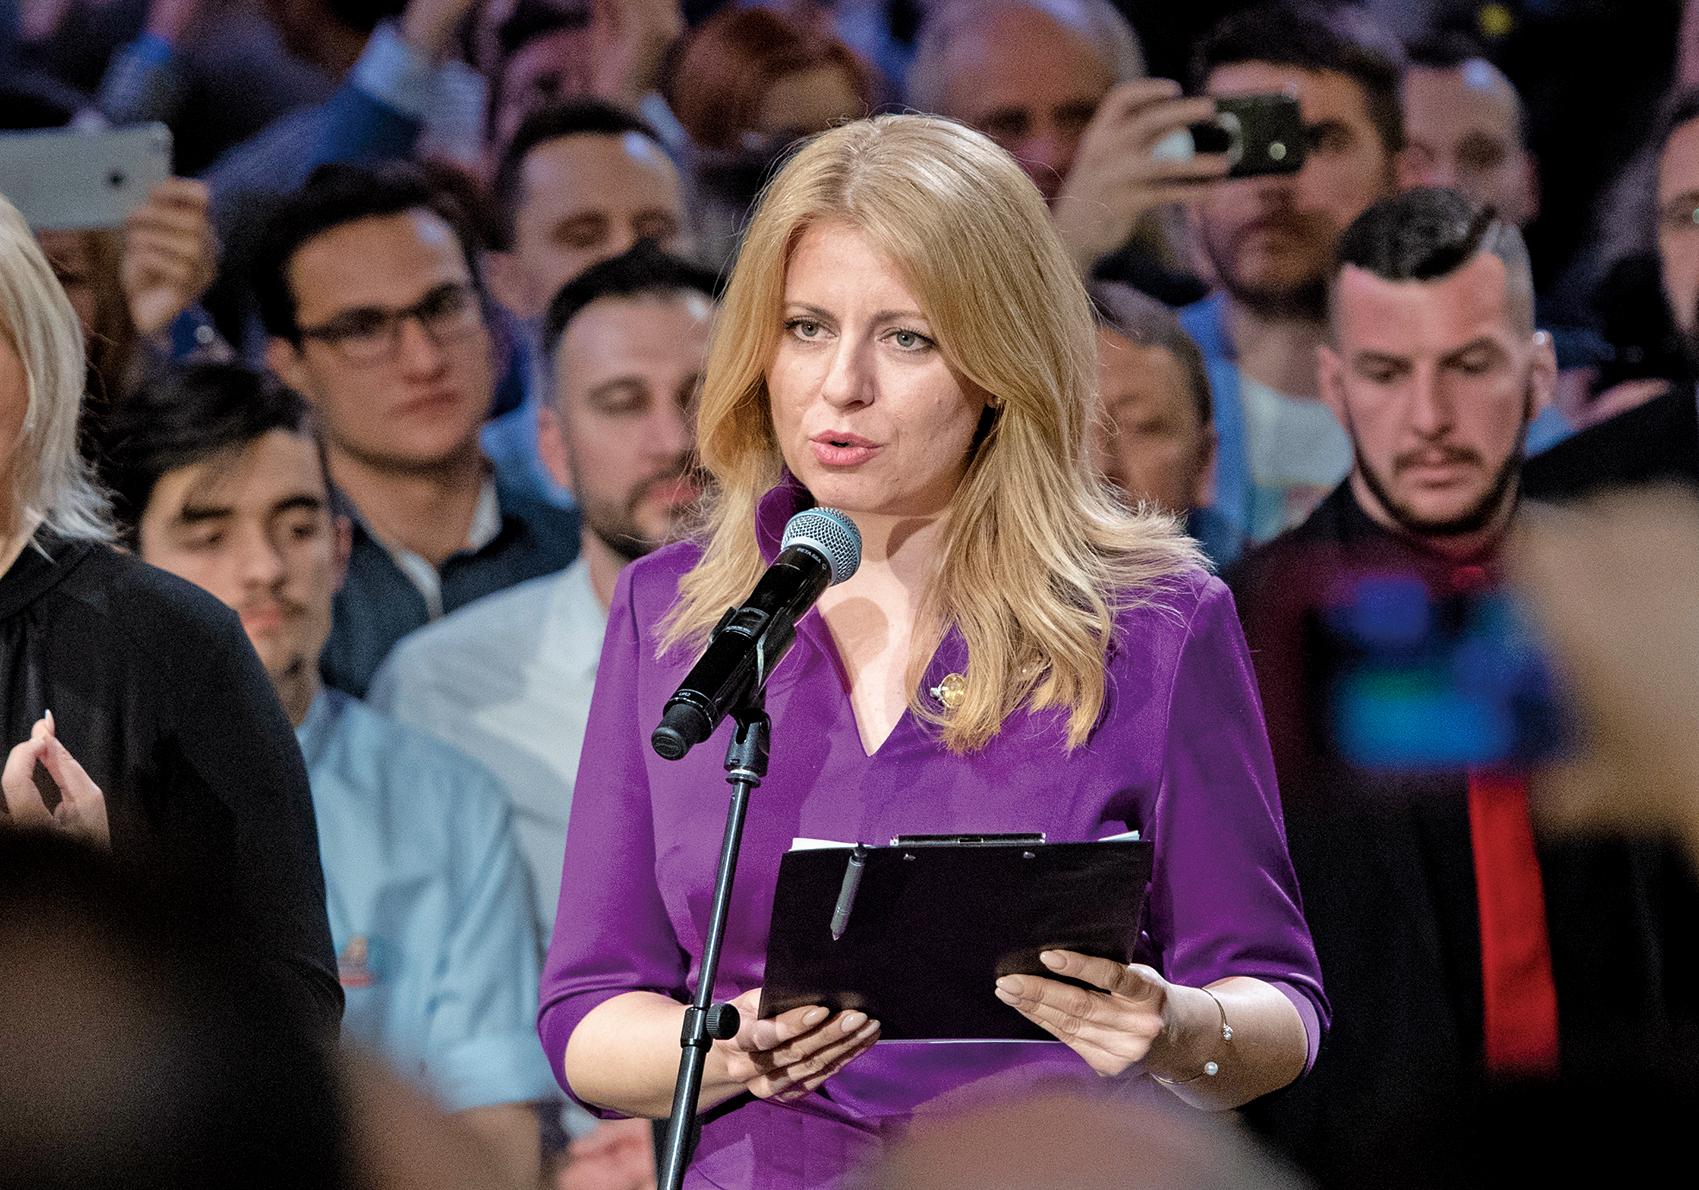 斯洛伐克上周六(3月30日)舉行大選,反腐律師查普托娃(Zuzana Caputova)一舉當選為該國首位女總統。圖為查普托娃在贏得大選後發表講話。(AFP)